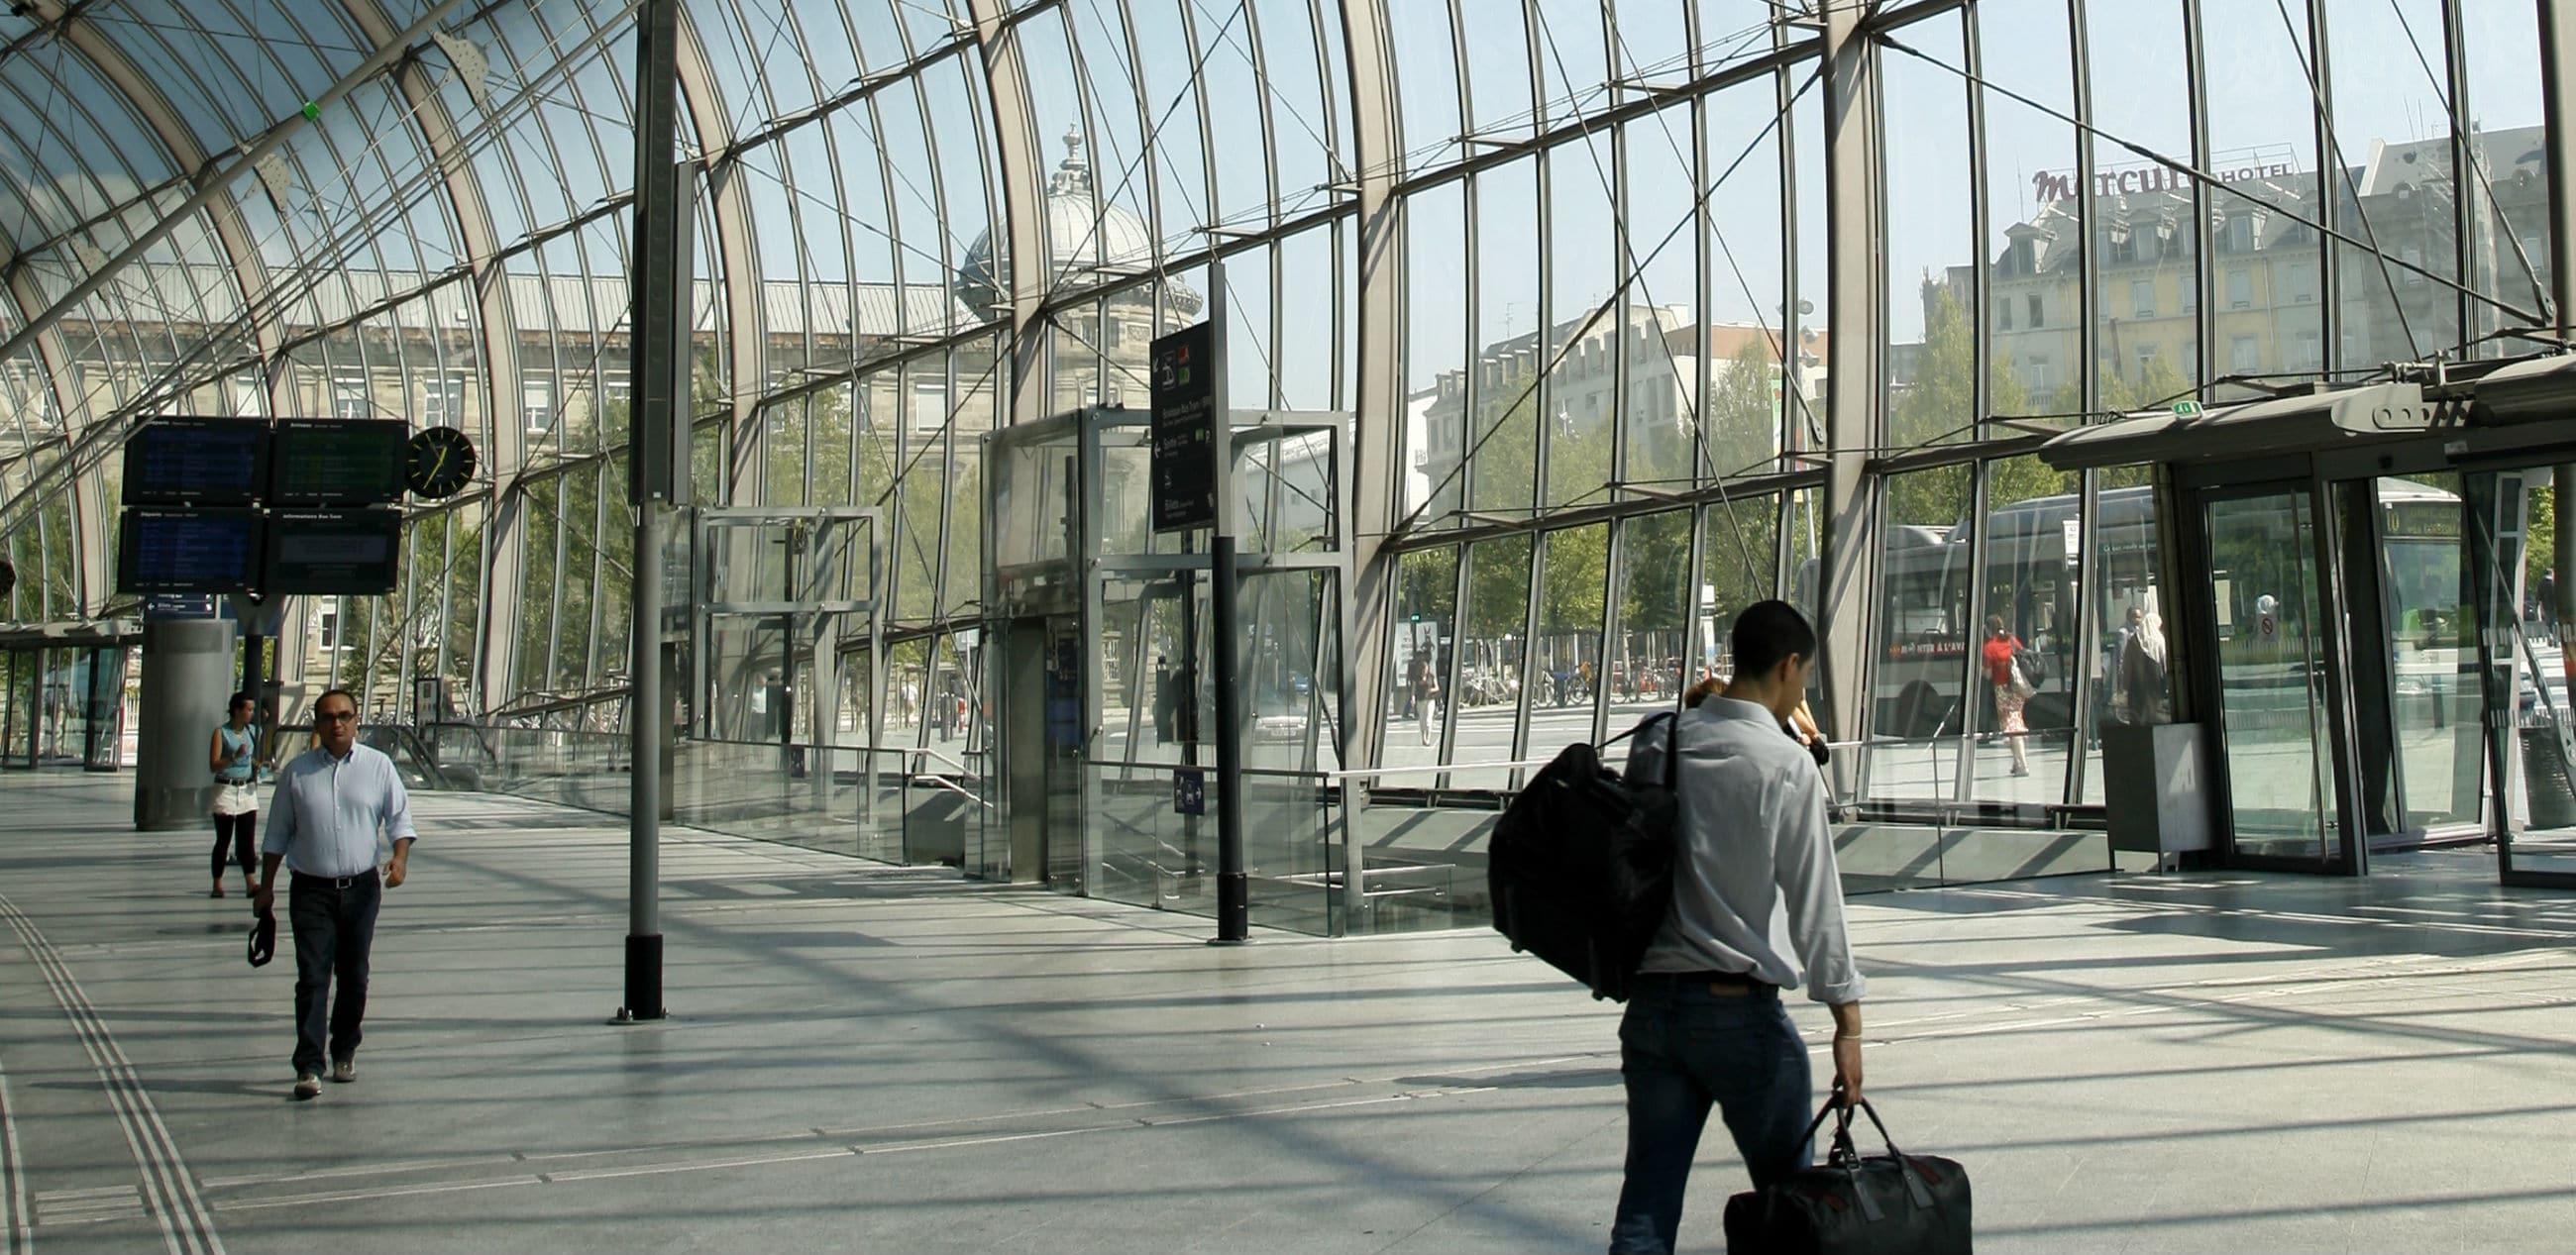 Se garer à proximité de la gare de Strasbourg